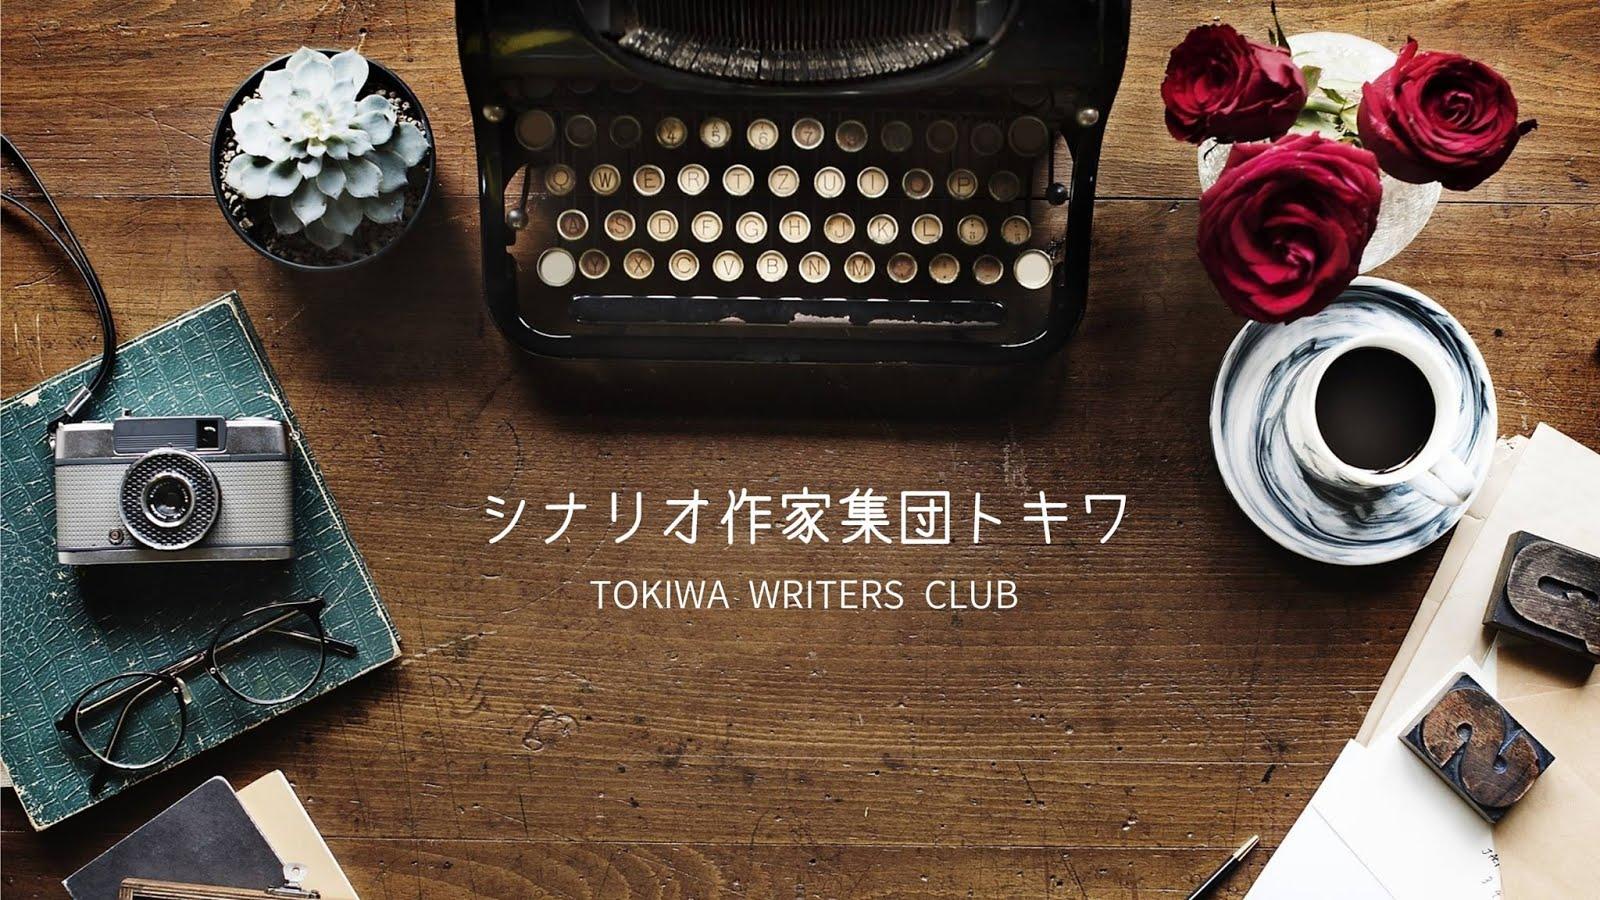 シナリオ作家集団トキワ